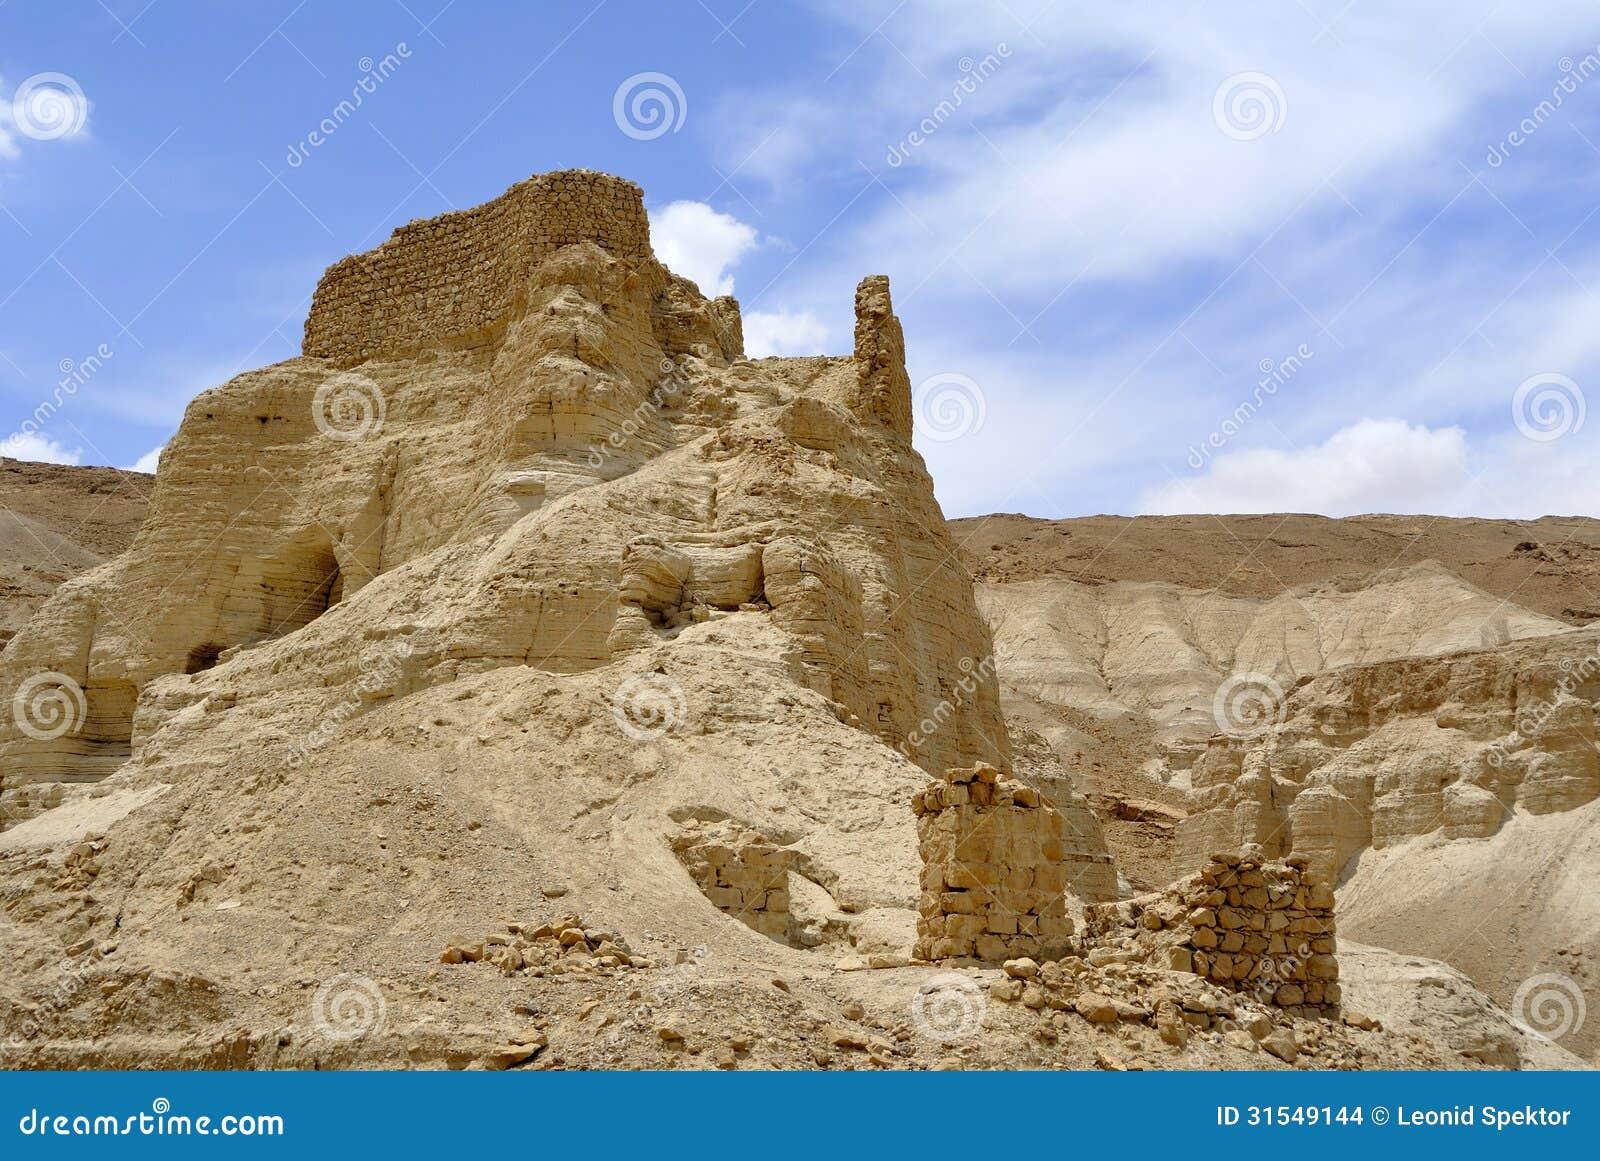 Forteresse de Zohar dans le désert de Judea.